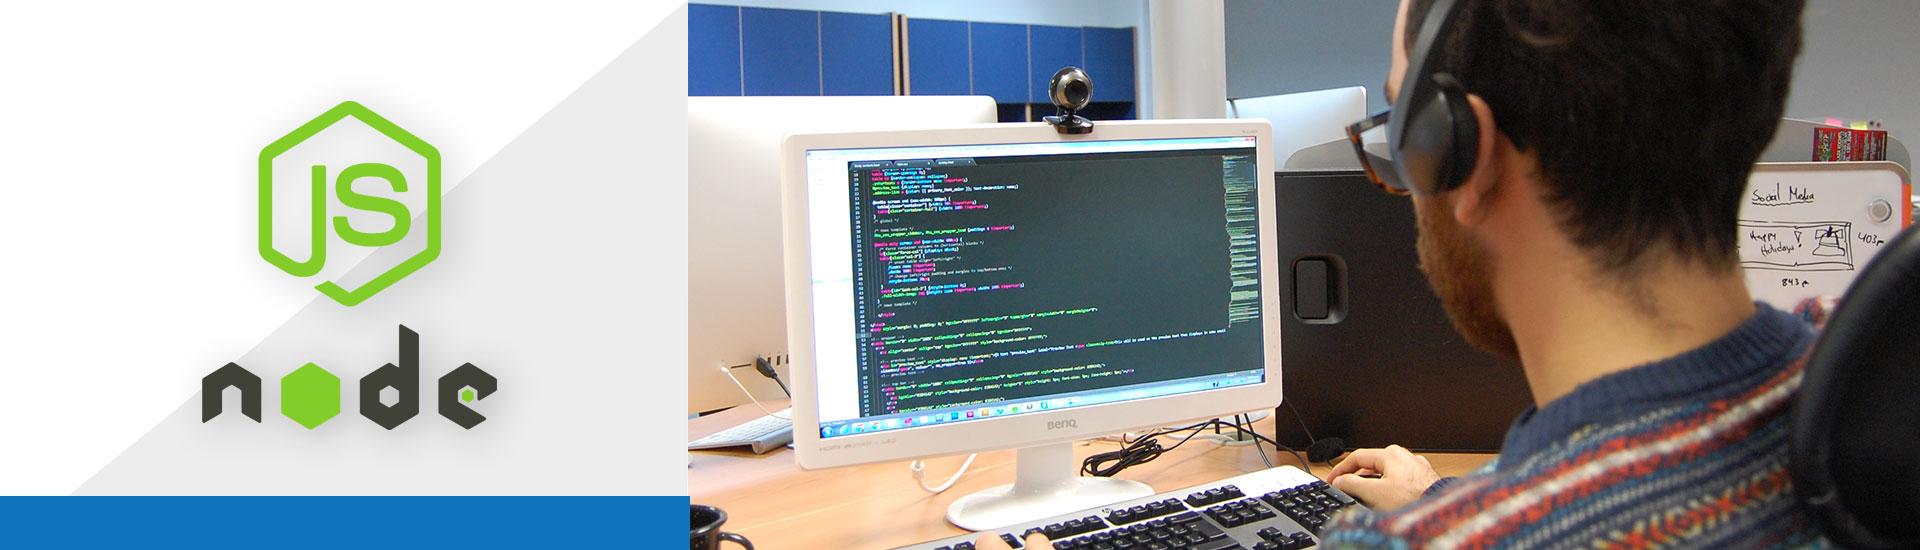 Node-web-header-.jpg